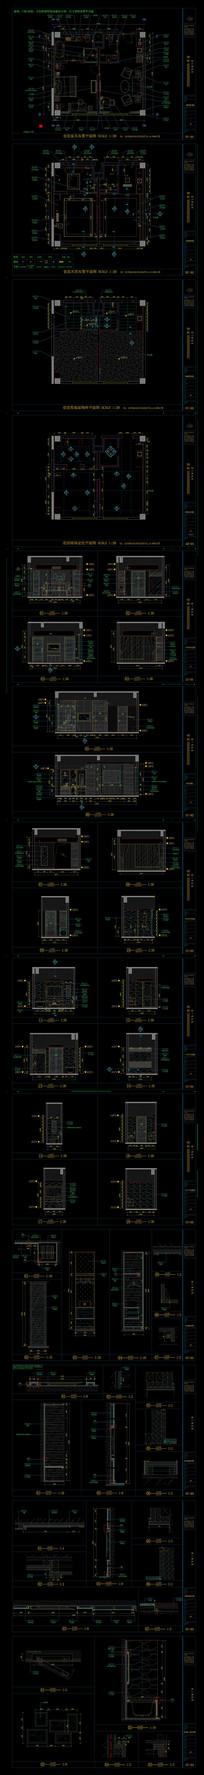 酒店套房装饰CAD施工图